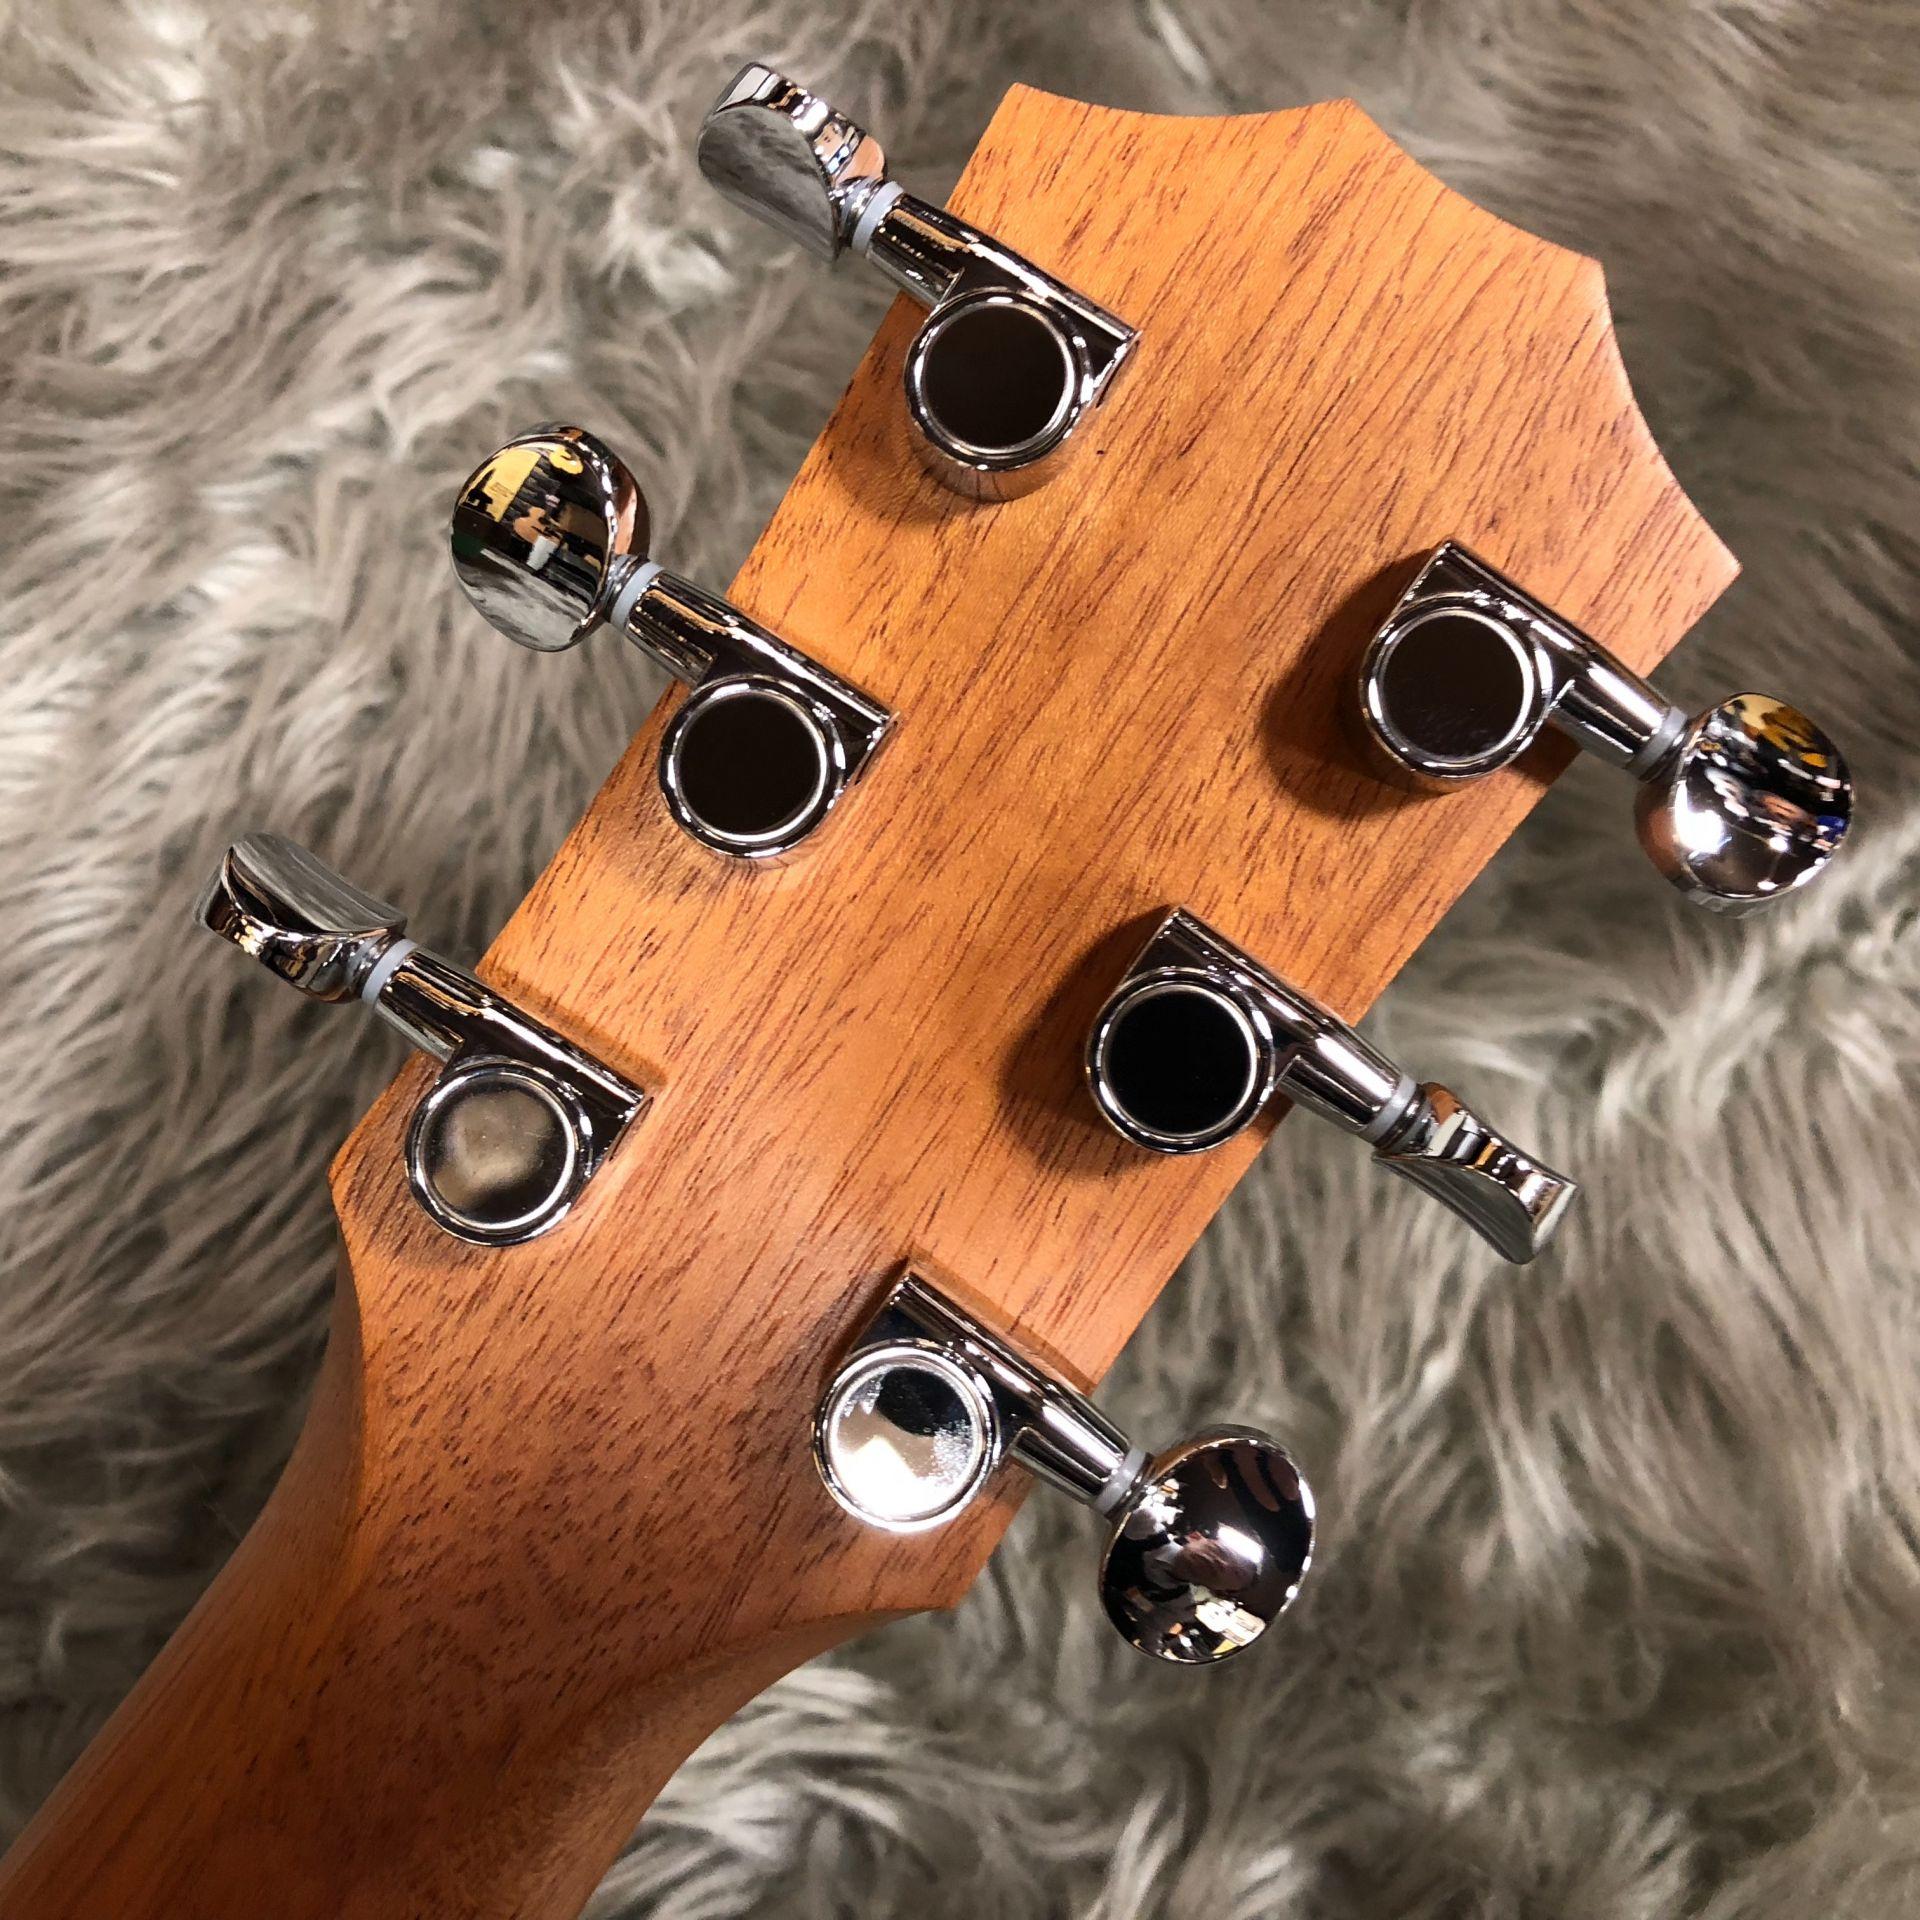 GS Mini-e Walnutのヘッド裏-アップ画像